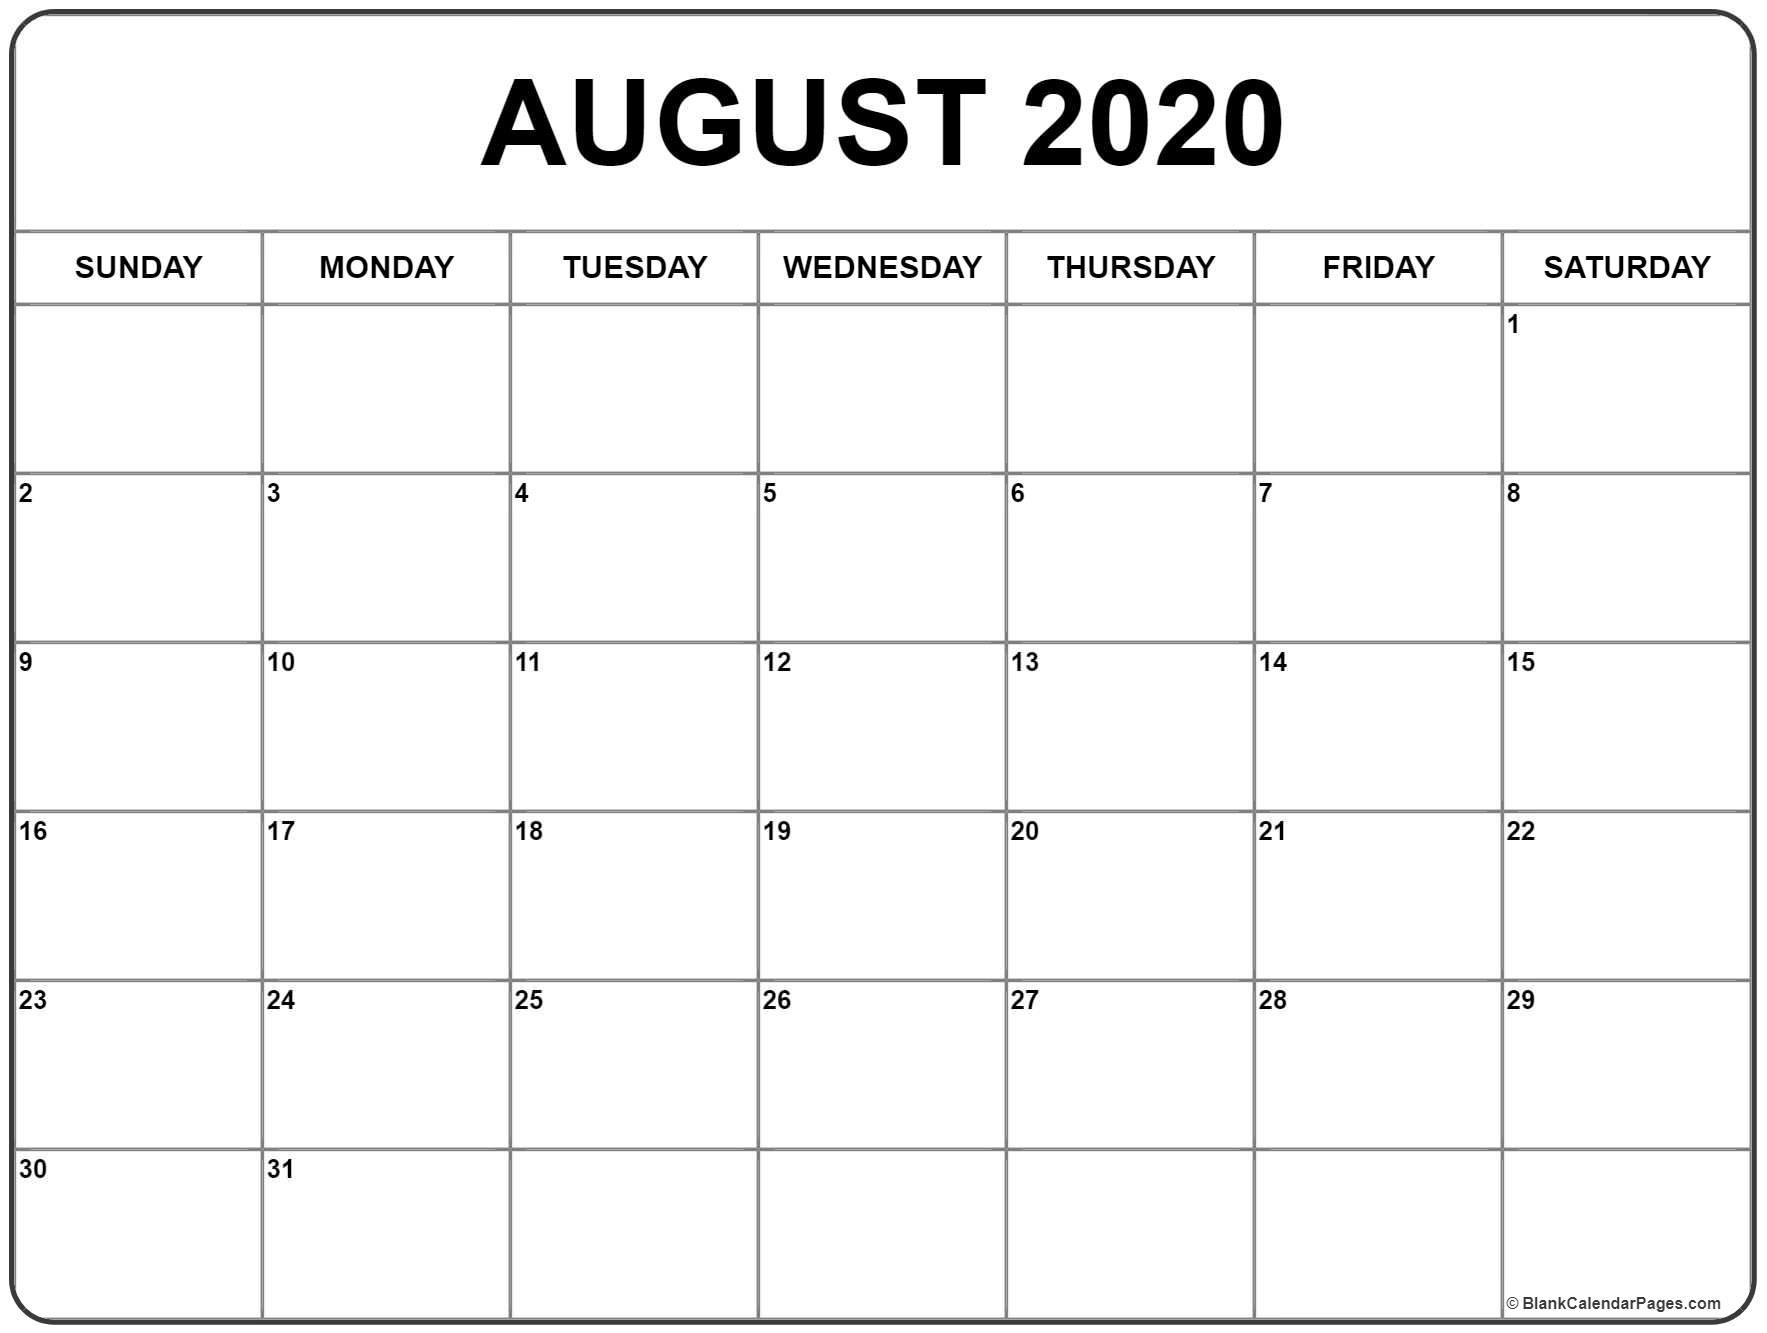 Catch Fill In August Schedule